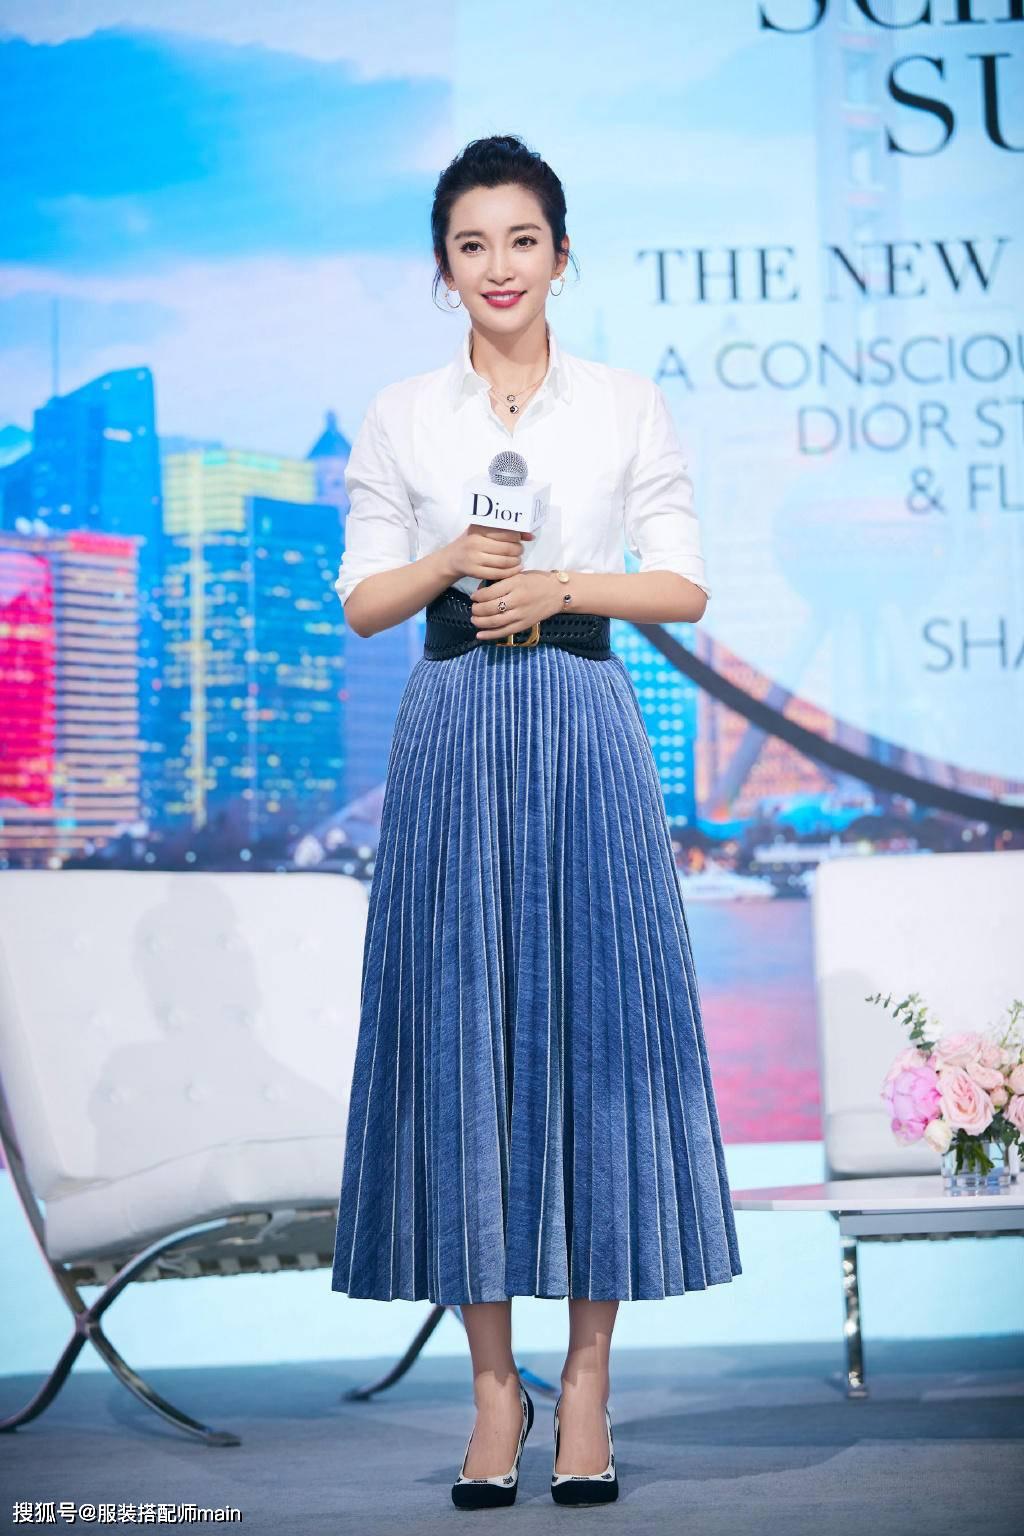 3 kiểu chân váy có khả năng hô biến 5kg, giúp các chị em trông thon thả hơn tức thì - Ảnh 5.